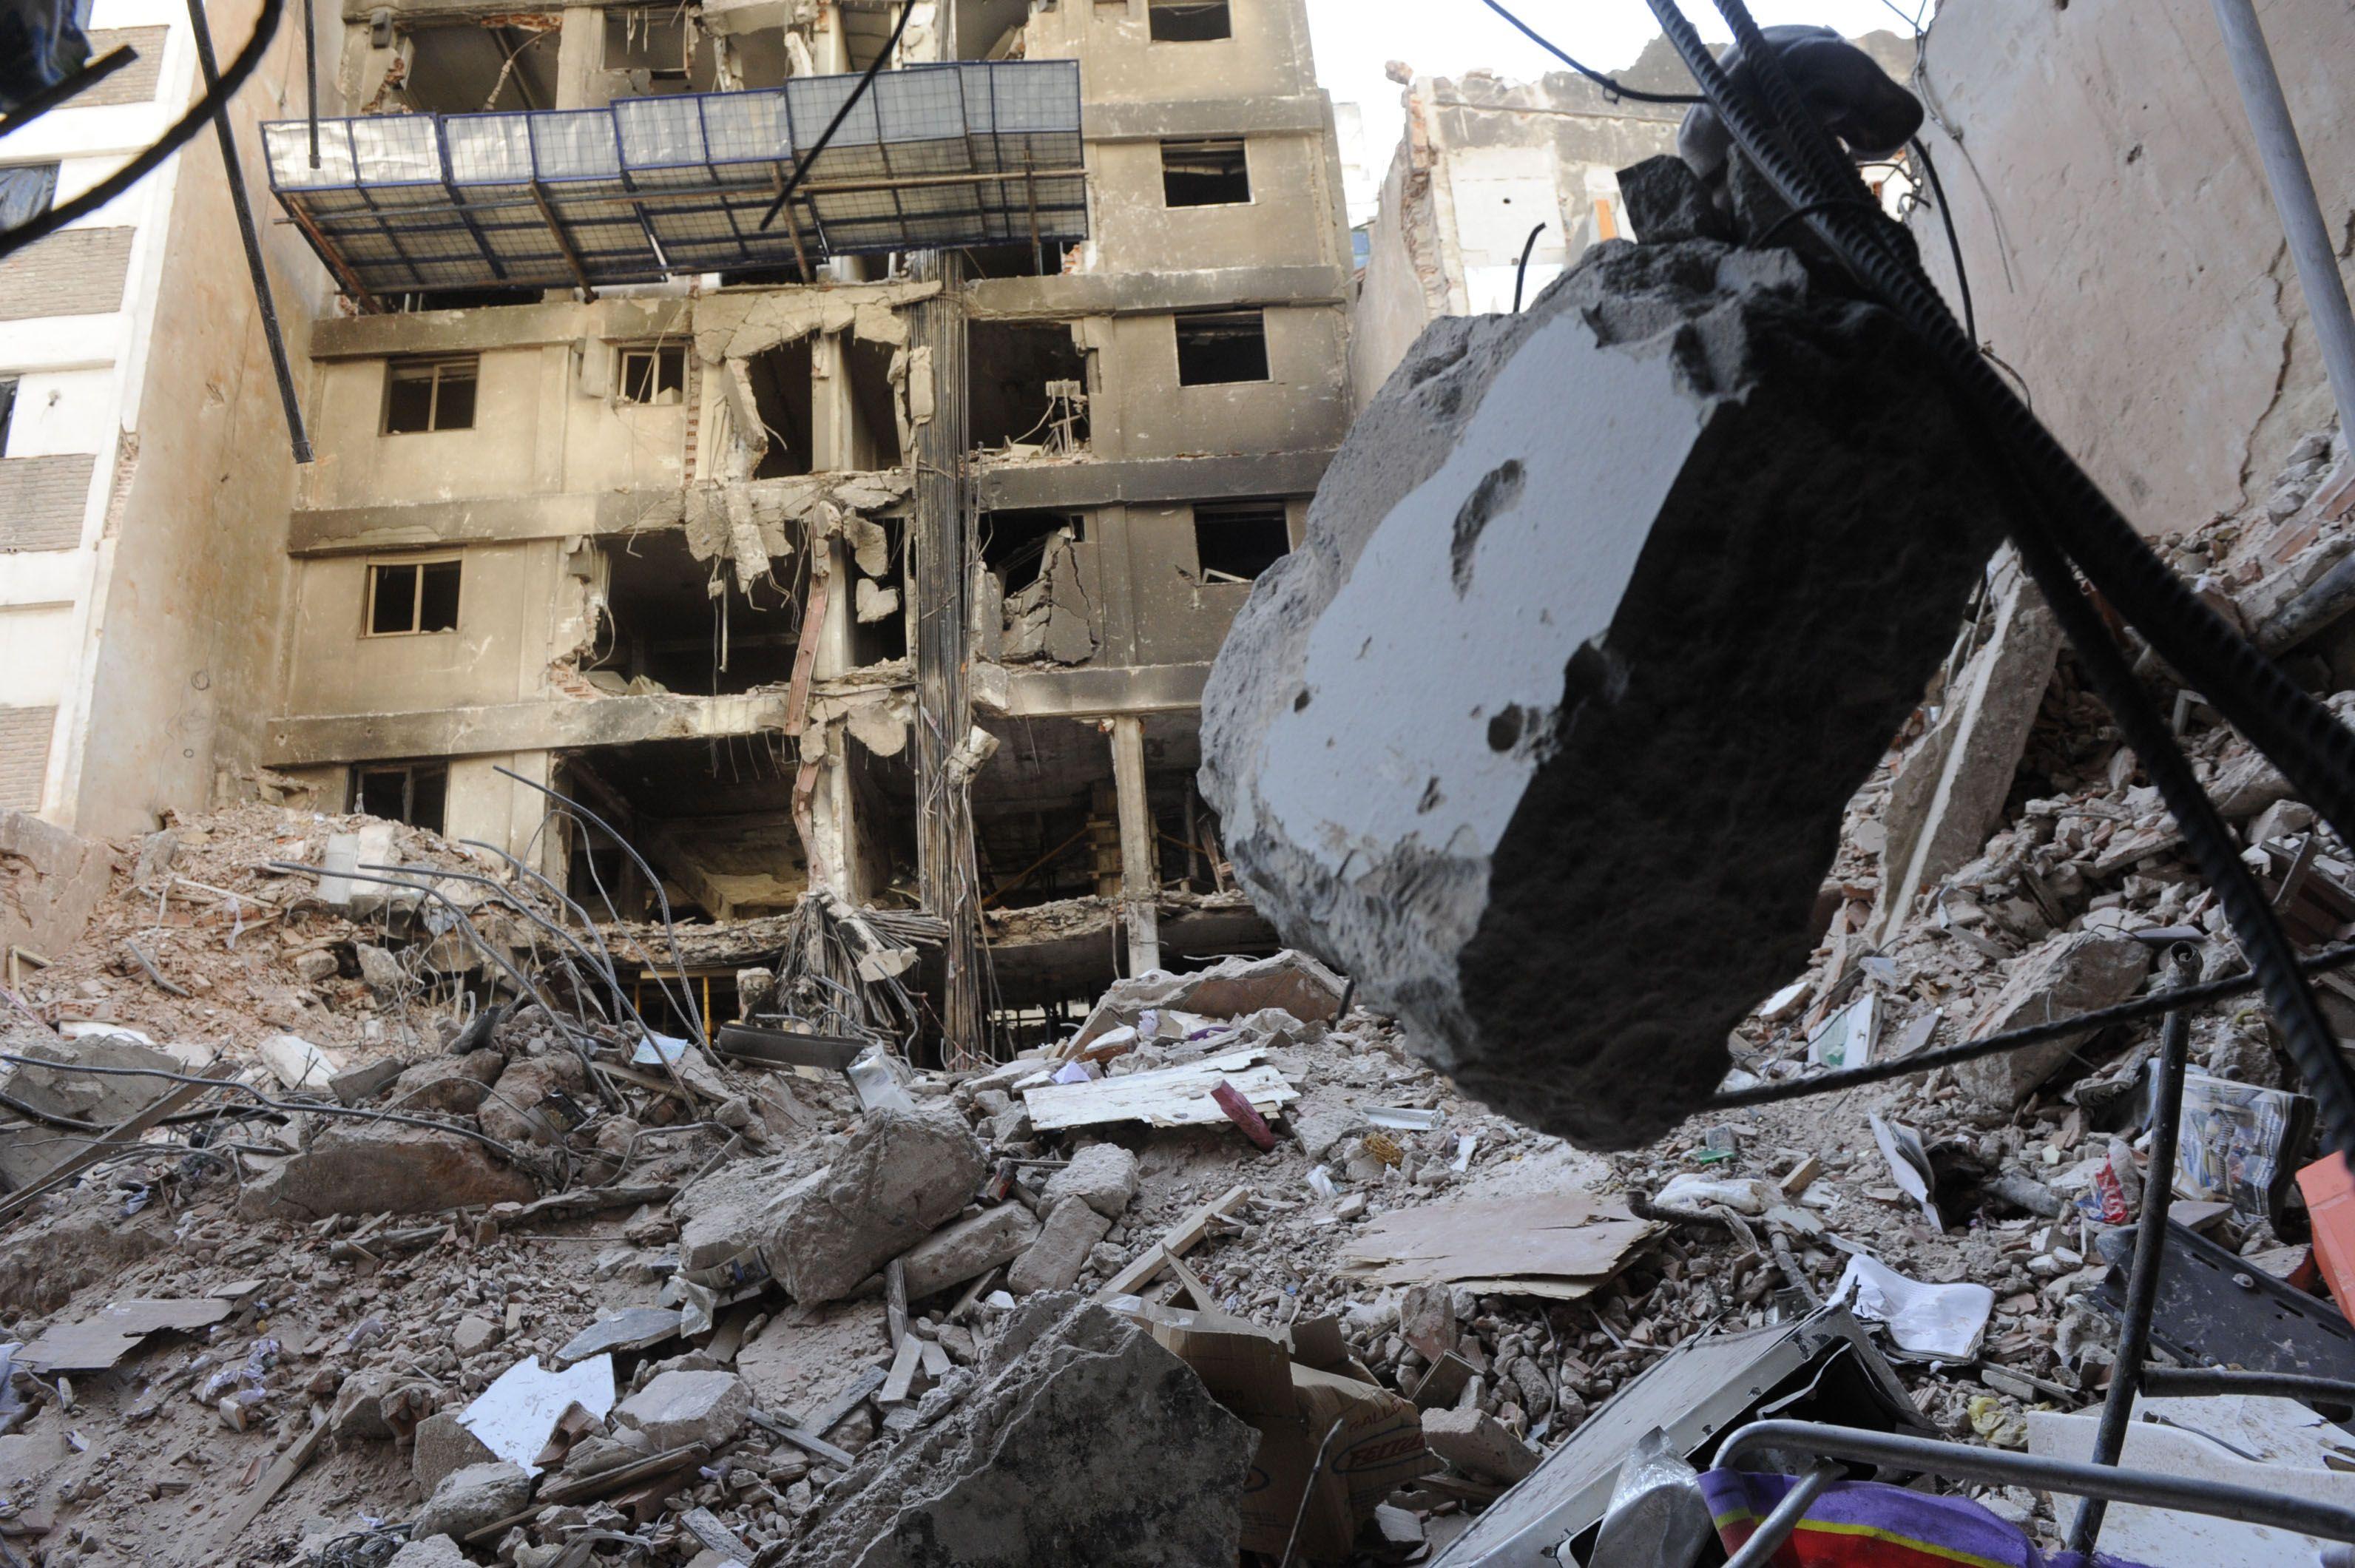 Las ruinas en Salta al 2100. En pocos días comenzarán las tareas de demolición.